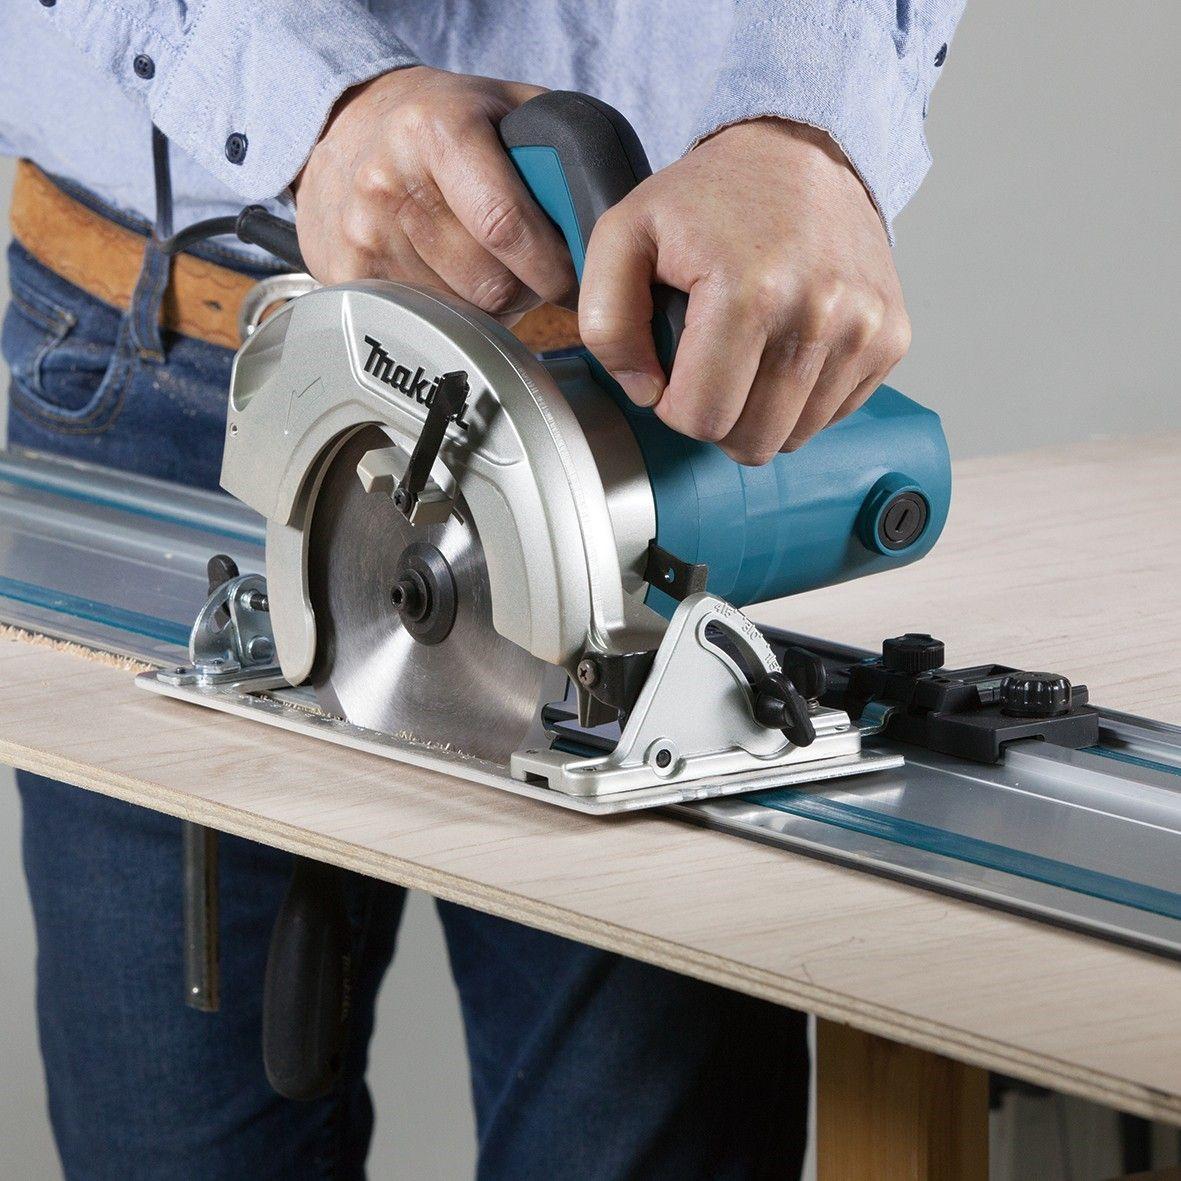 Инструмент профессионального класса от именитых производителей оснащается широким выбором дополнительного оборудования, намного расширяющим его функциональные возможности